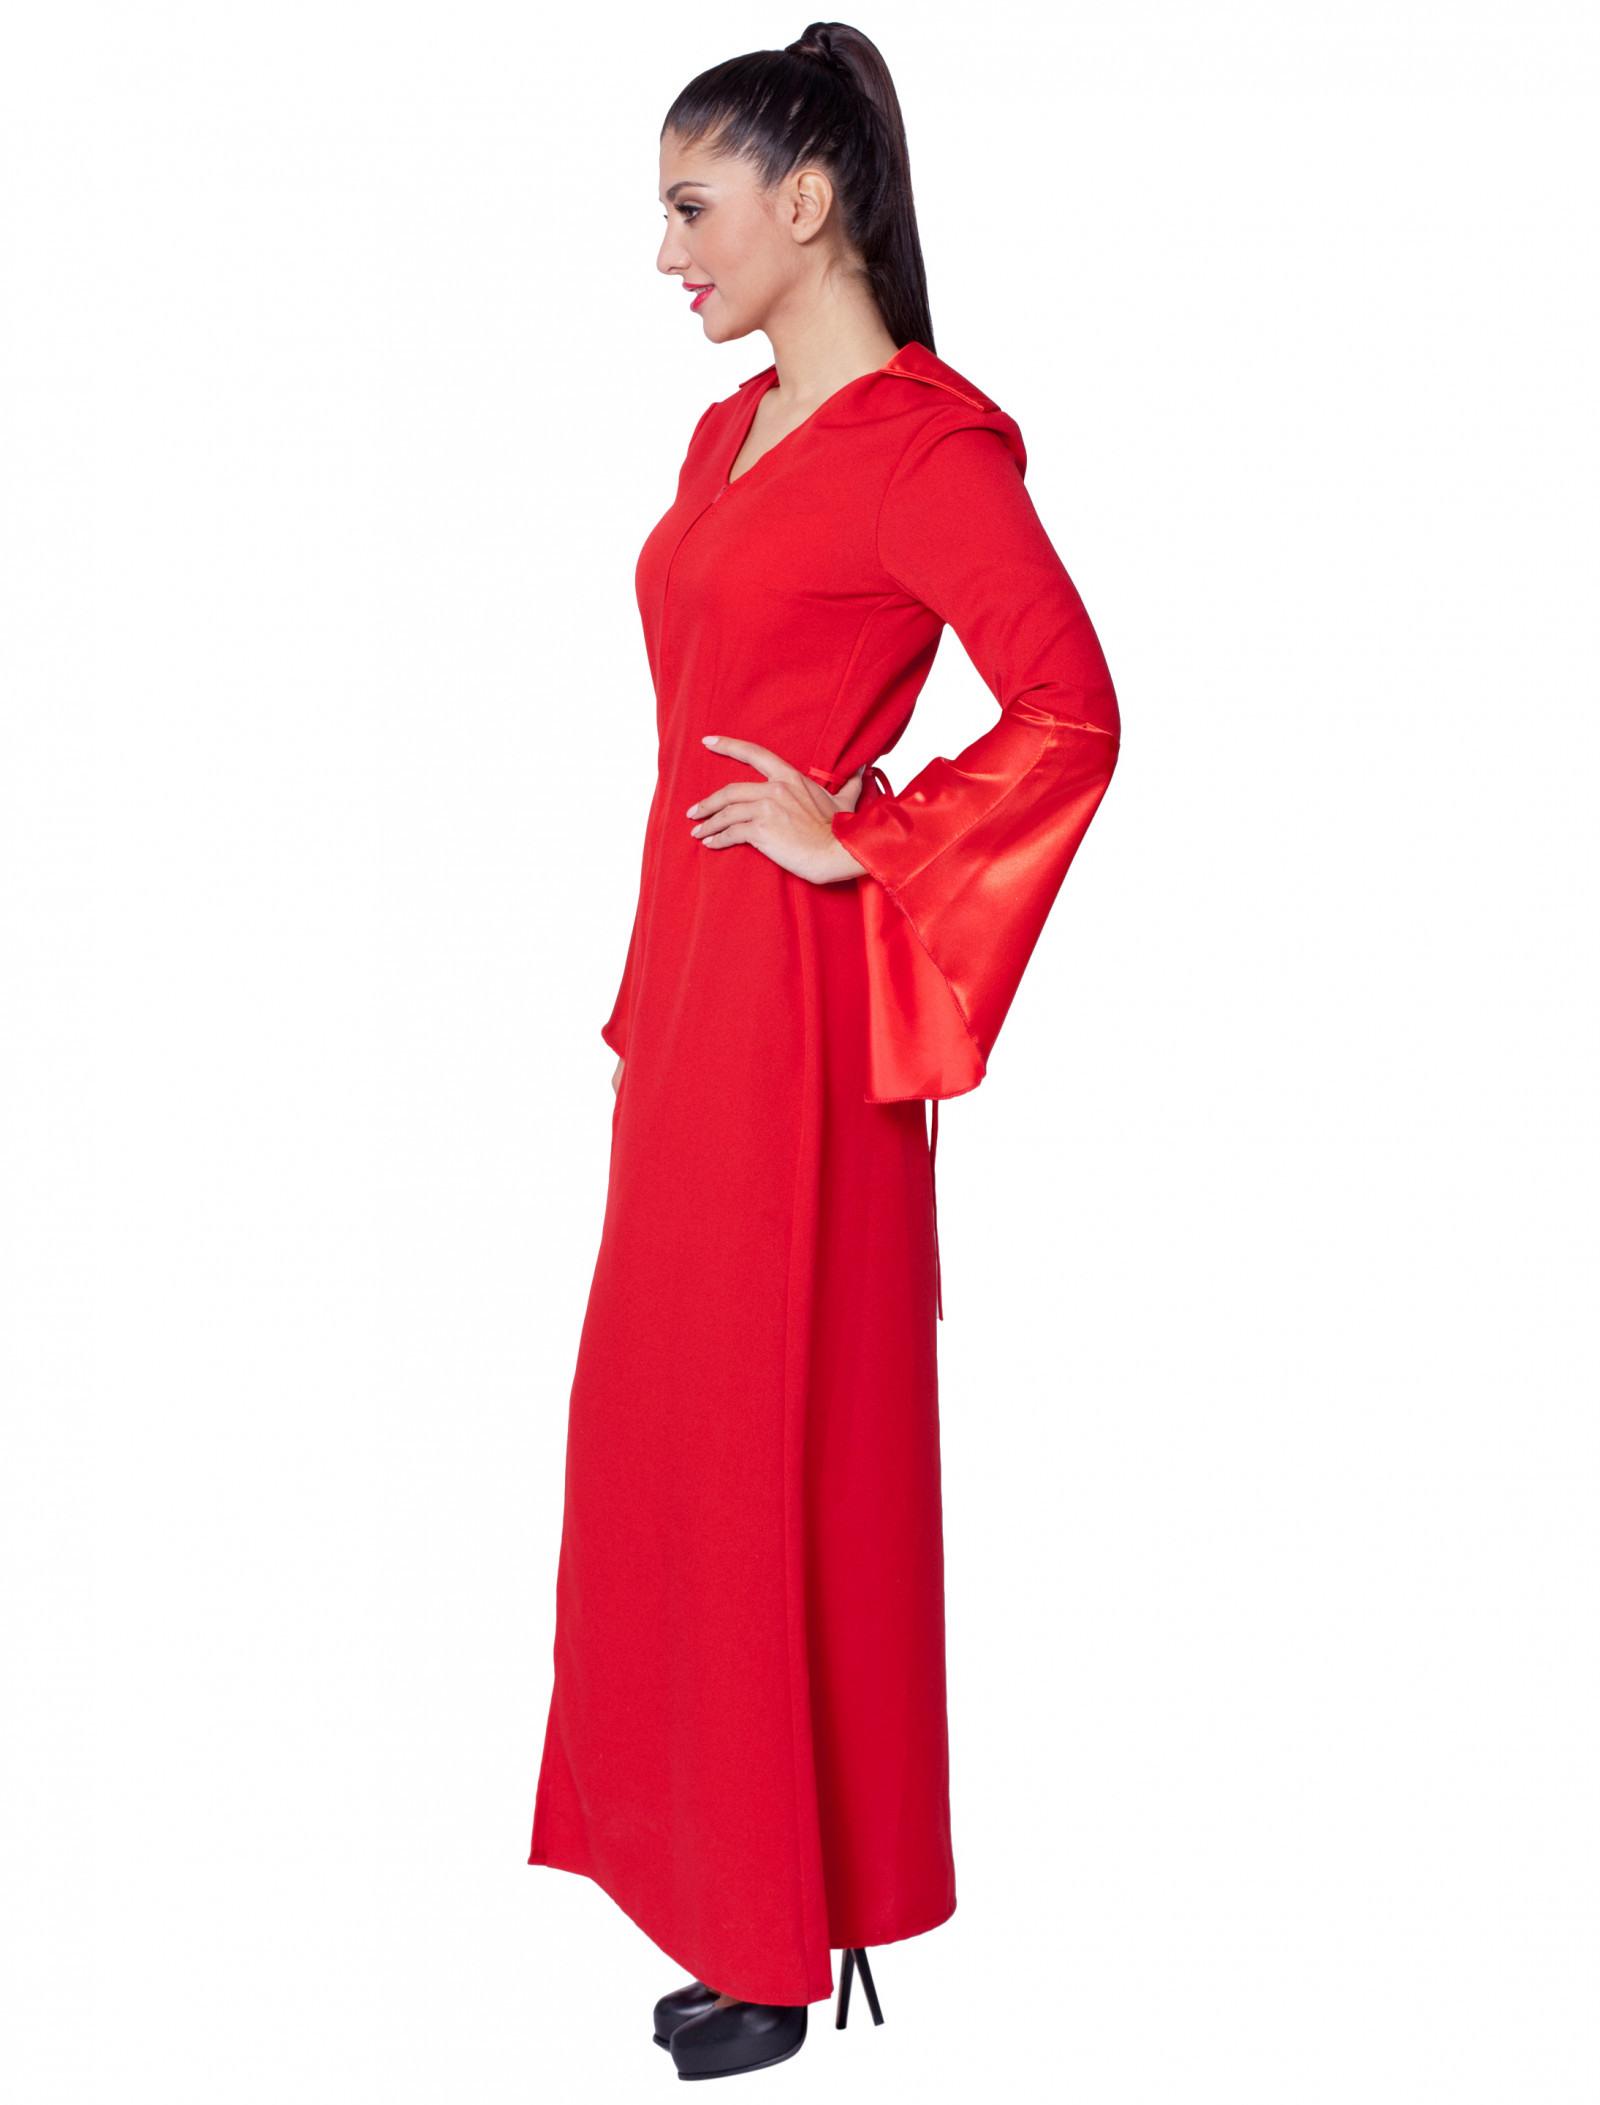 Rotes Vampir Kleid Online Kaufen  Deiters